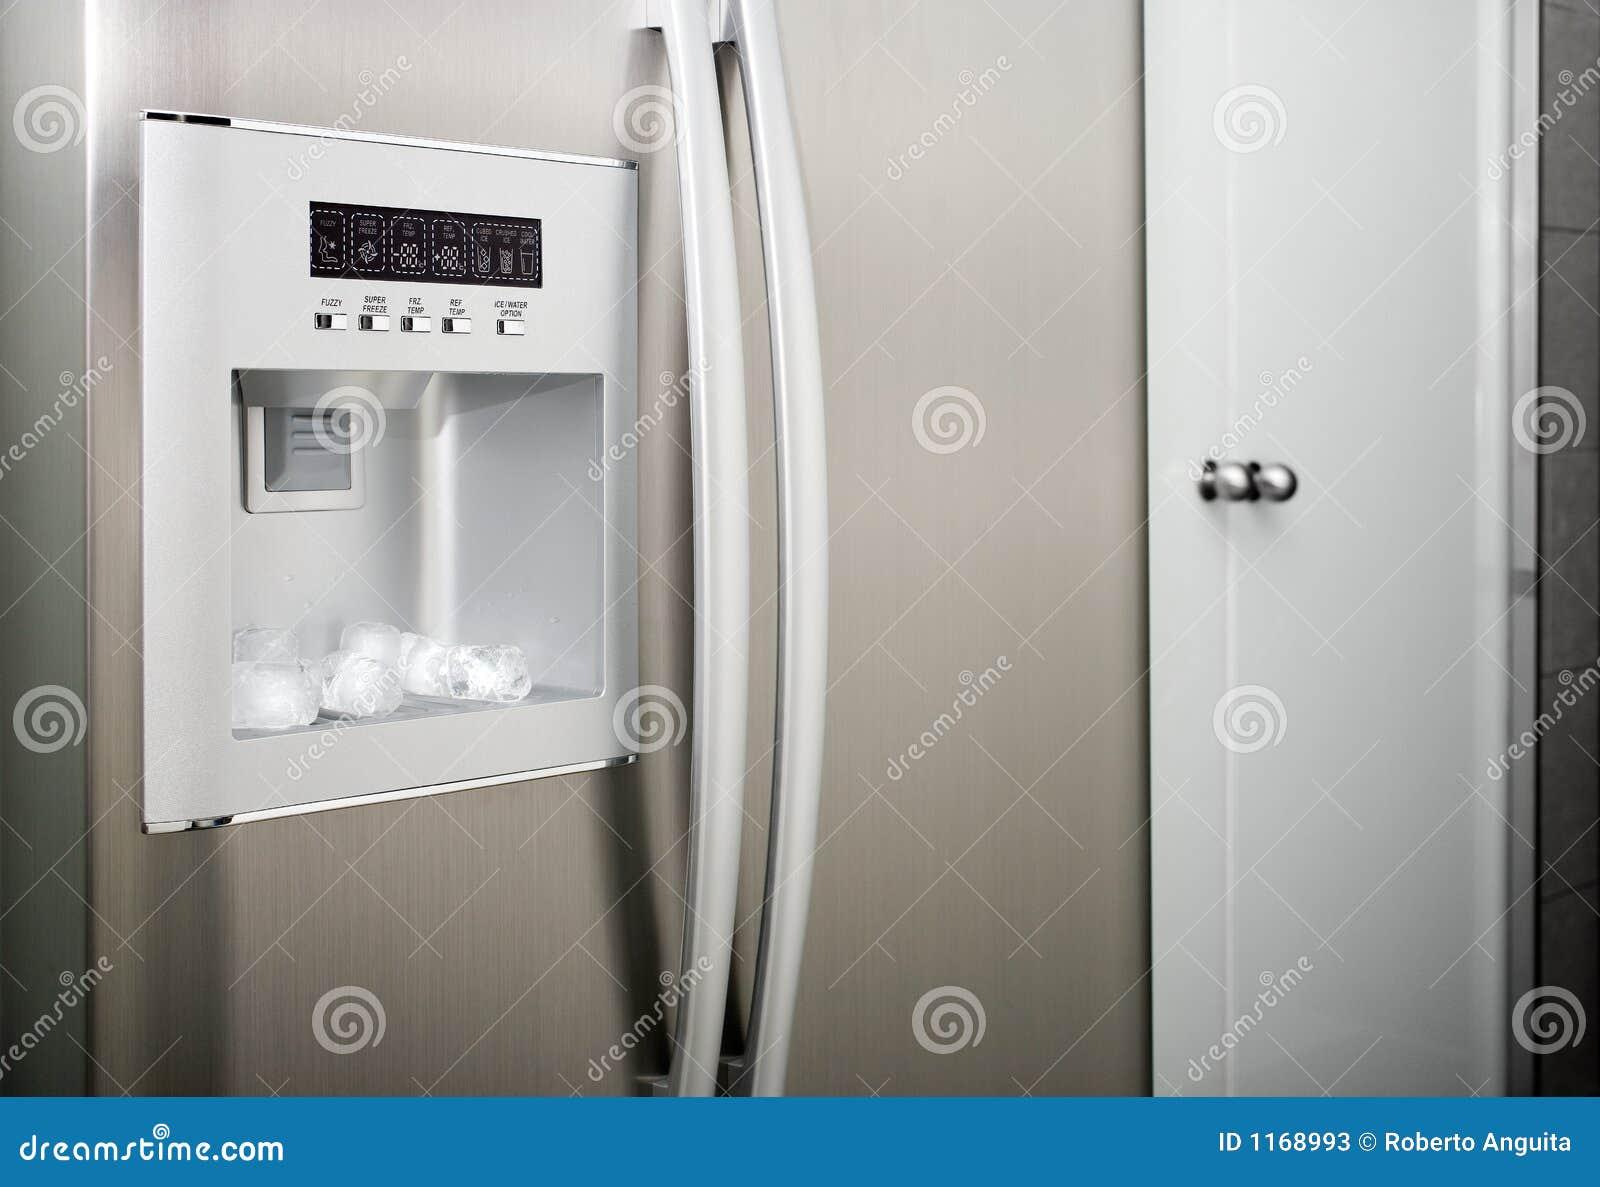 Kühlraum mit Gewindewürfeln